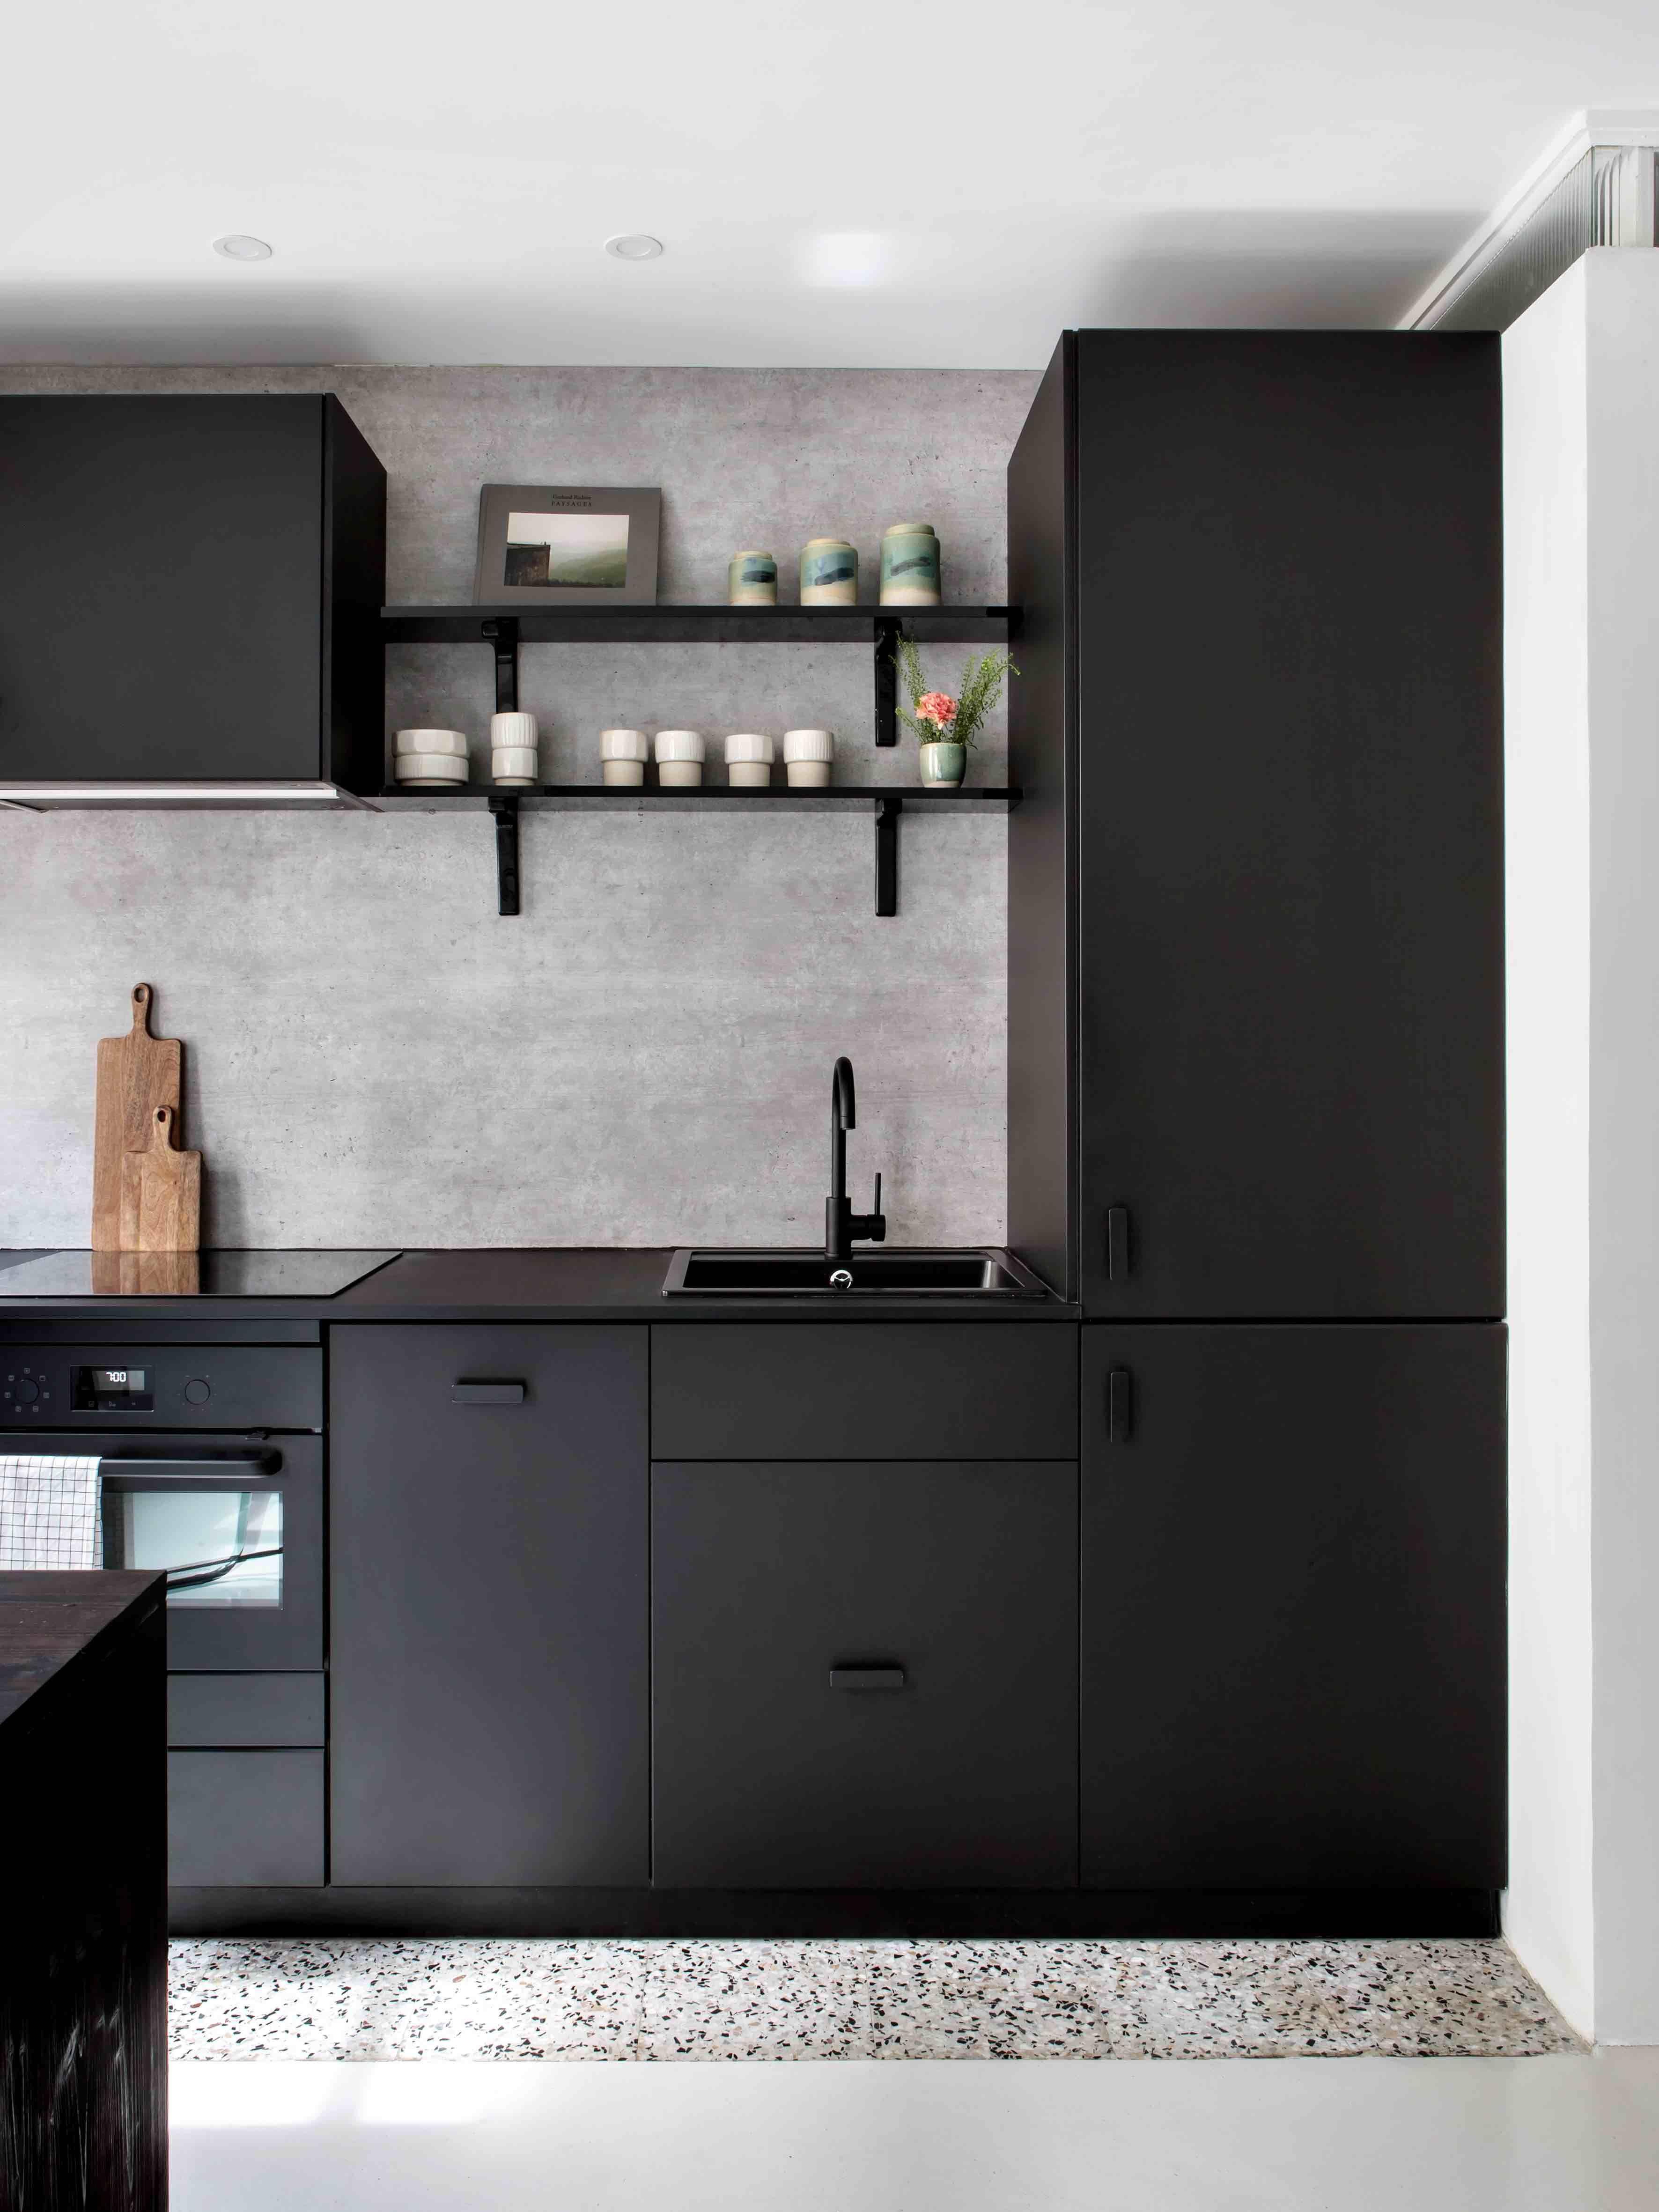 Loft, Atelier, Bois, Cuisine Noire, Black Kitchen